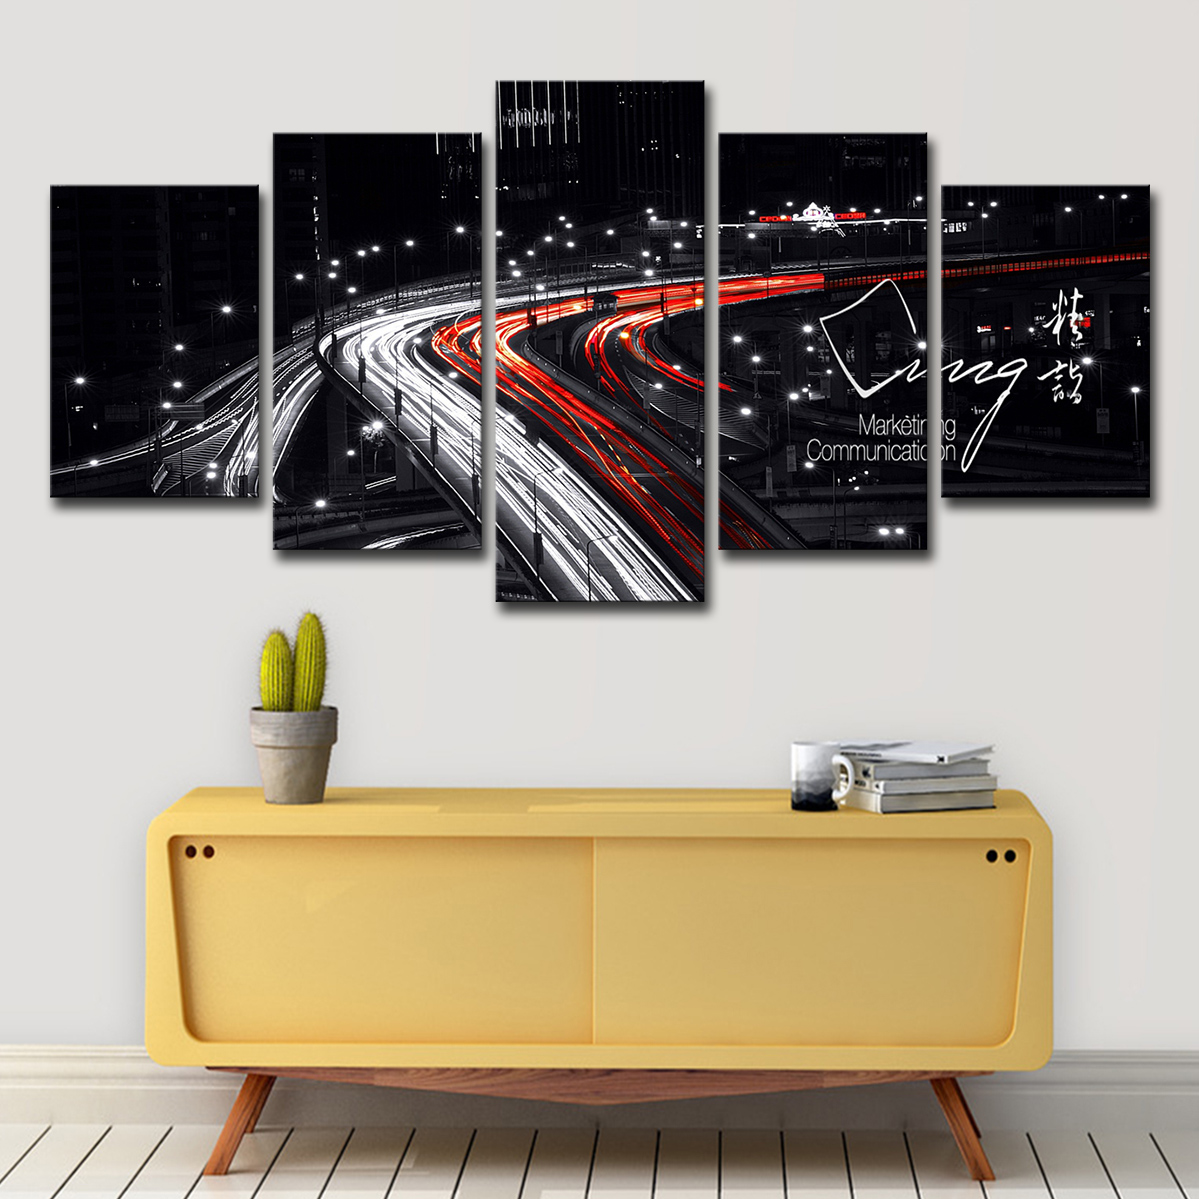 Salon Rouge Blanc Noir hd prints peintures mur art salon décor photos 5 pièces blanc pont noir et  rouge nightscape toile posters